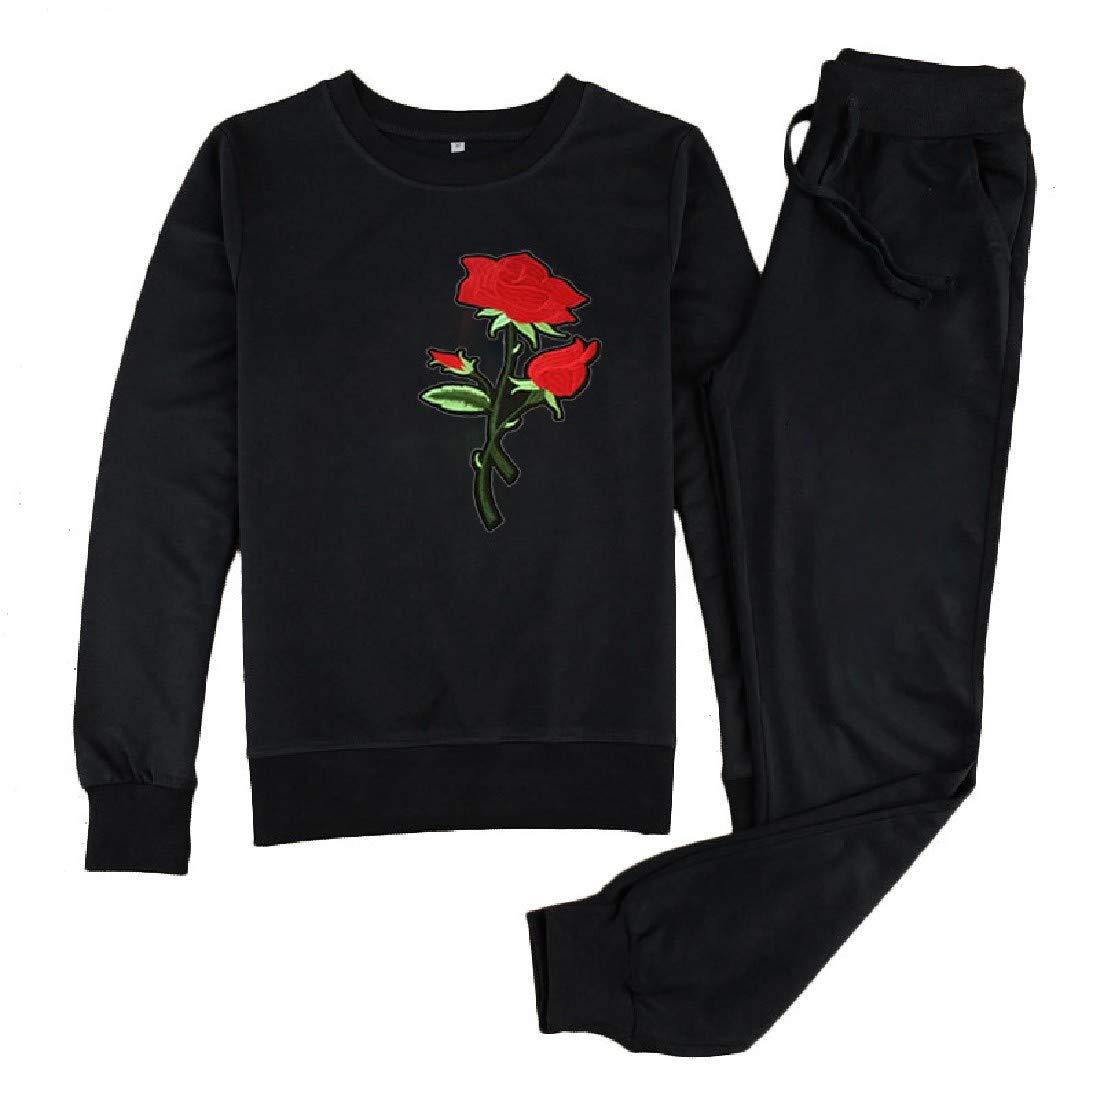 VITryst-Women Fleece Fleece Fall Embroidery 2 Piece Set Hoodie Shirt Top